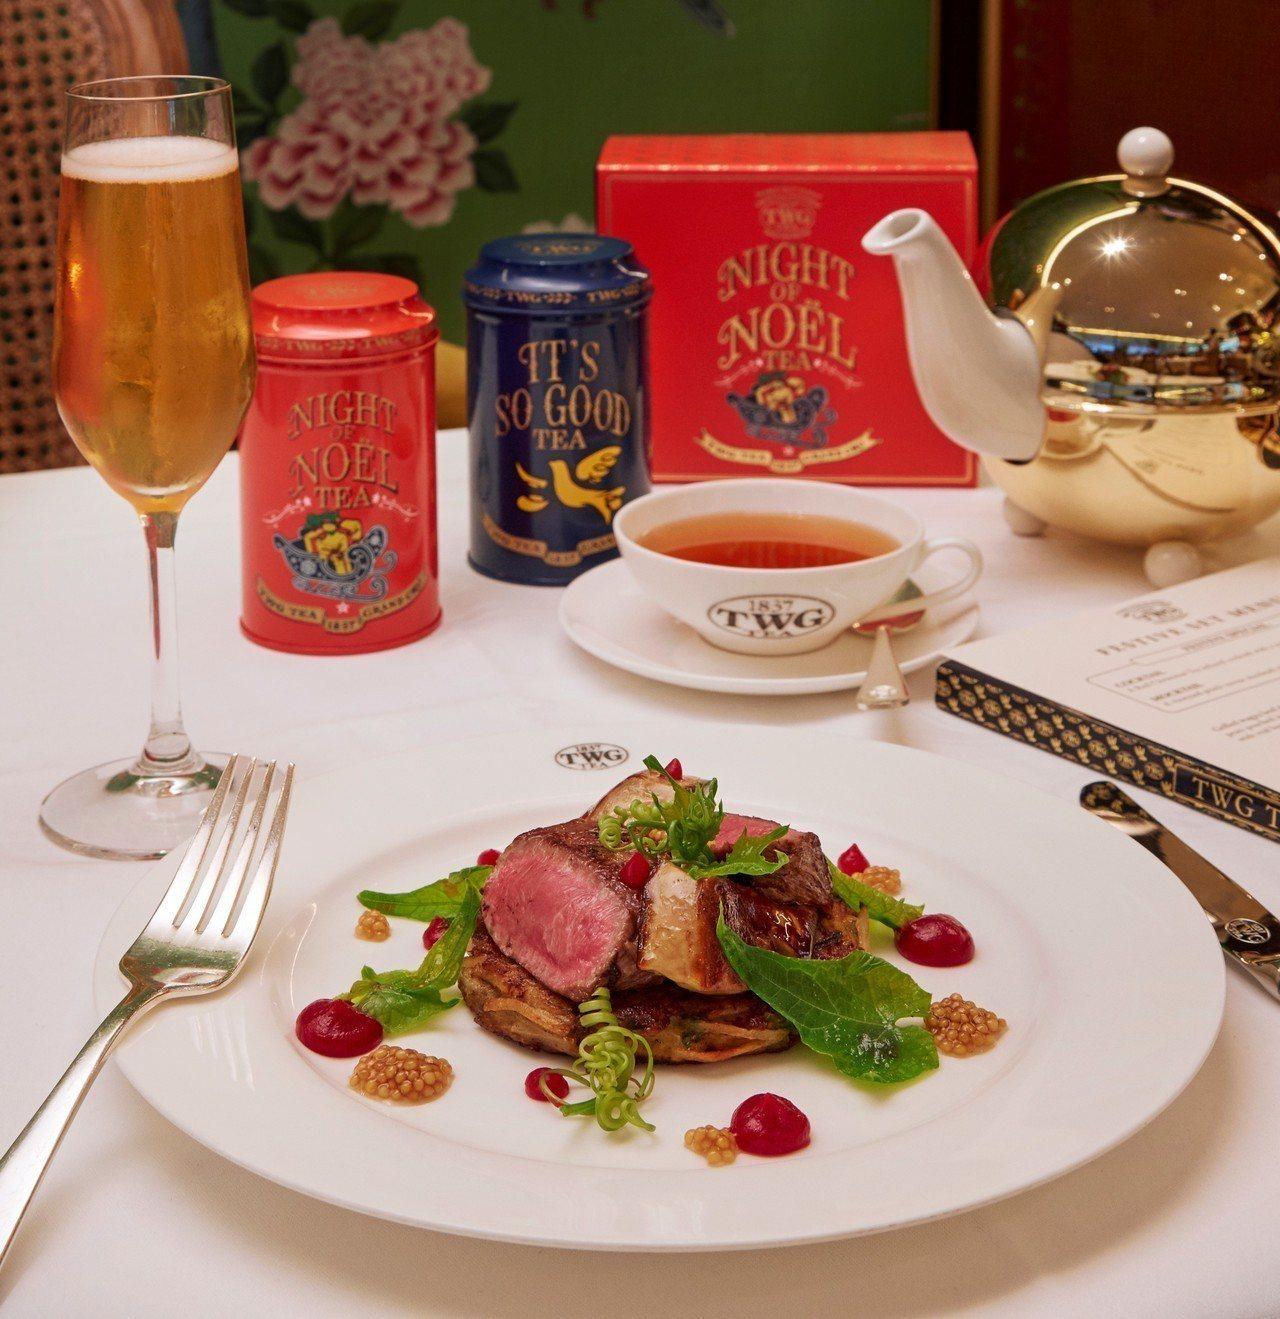 世界奢華茶葉品牌TWG Tea自即日起至明年1月6推出「限量午夜耶誕喜悅套餐」,...